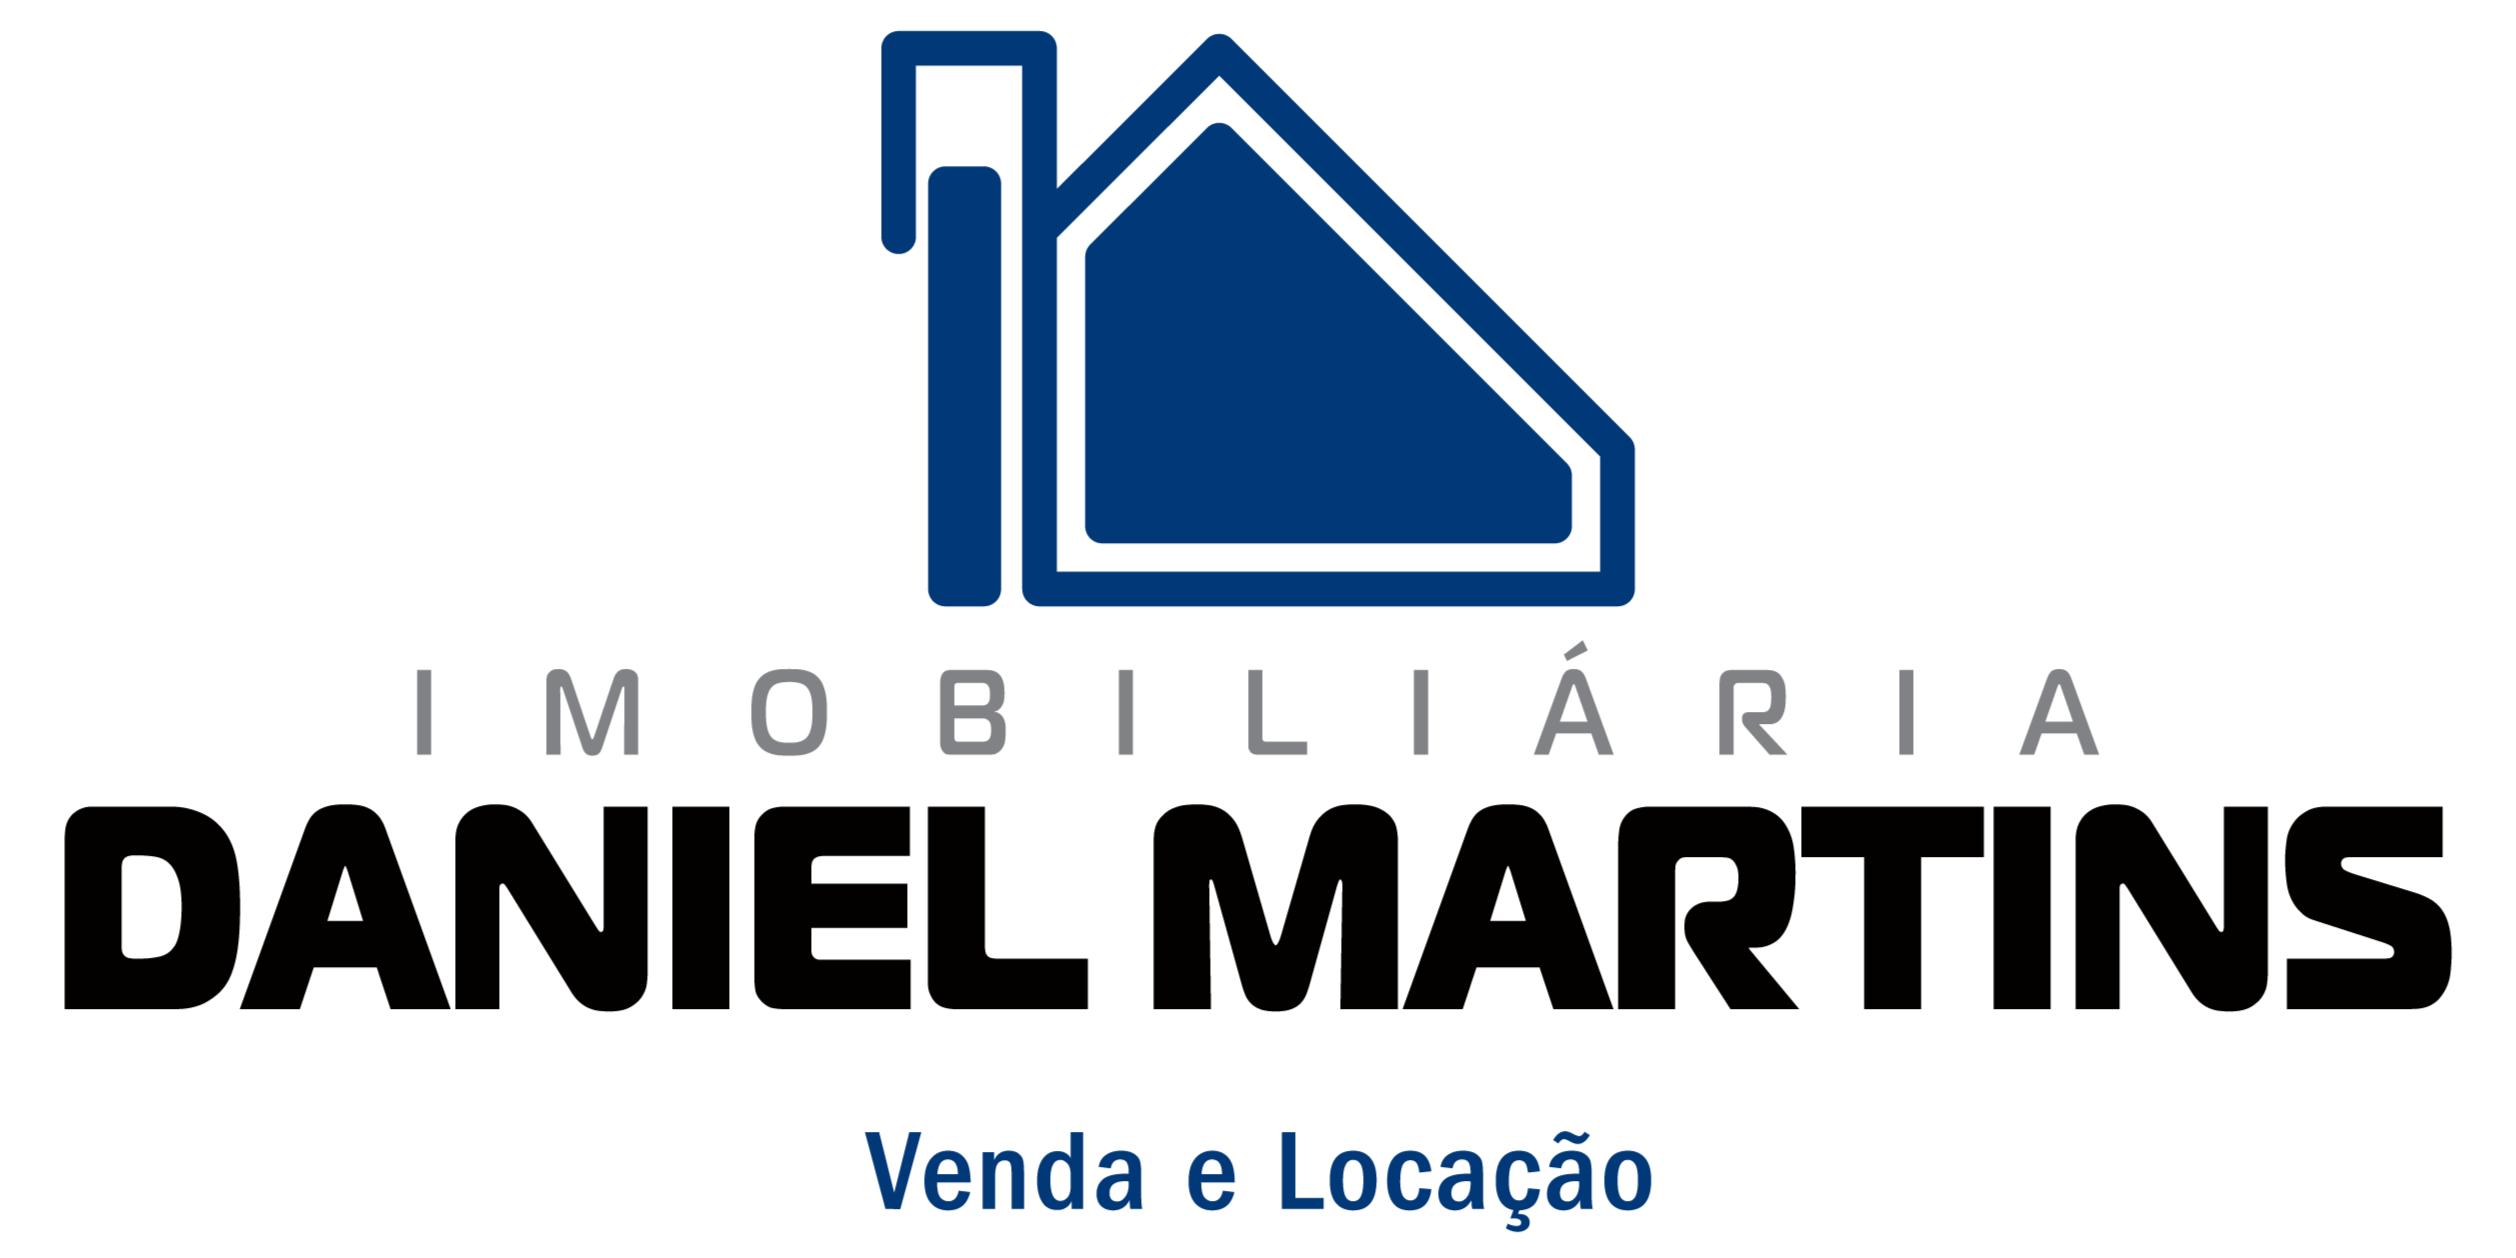 Empreendimentos Imobiliários Daniel Martins